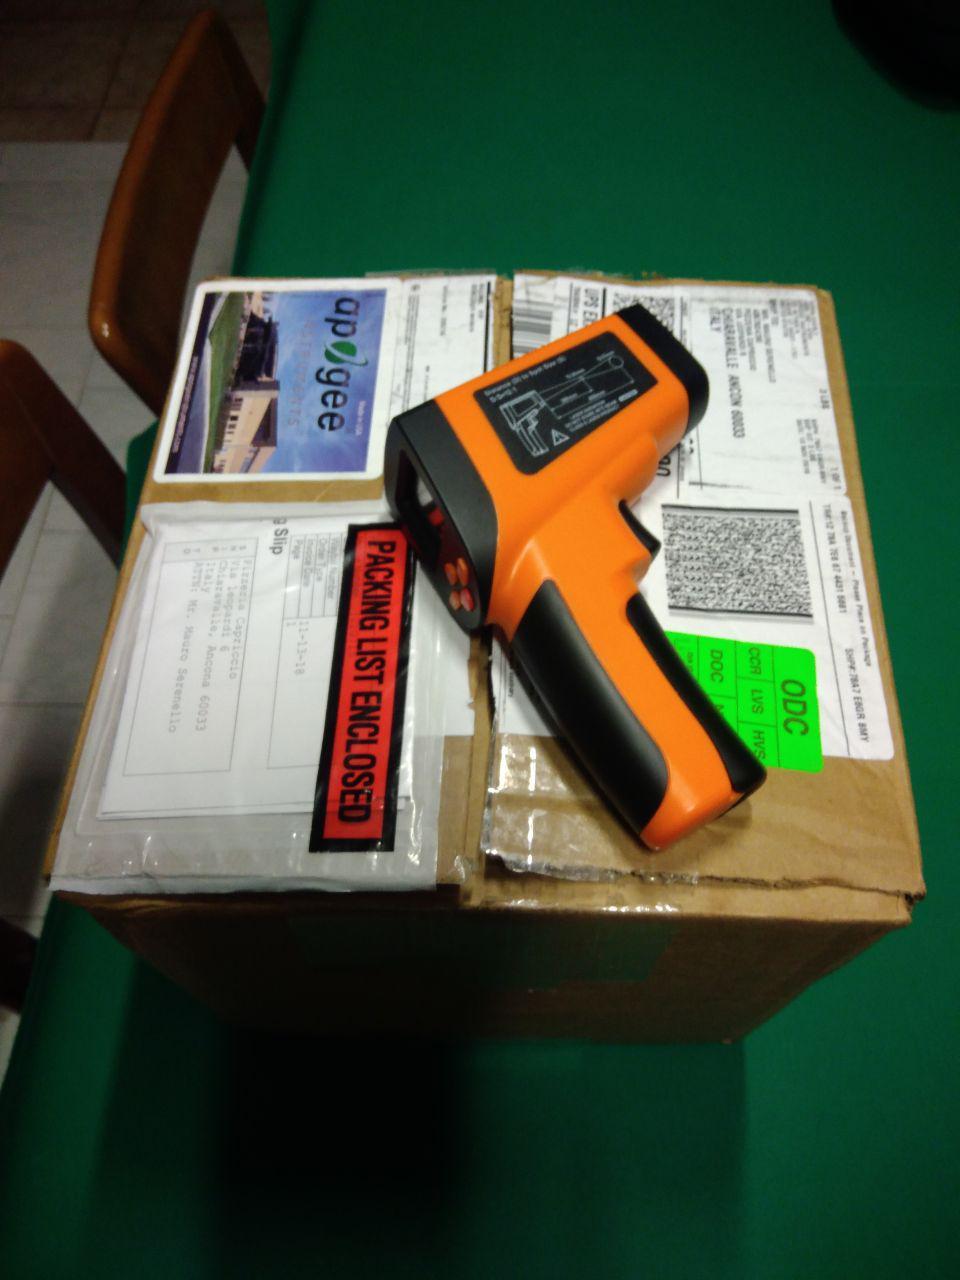 Schermo professionale Apogee TS-100 a ventilazione forzata-photo_2018-11-20_15-07-53.jpg